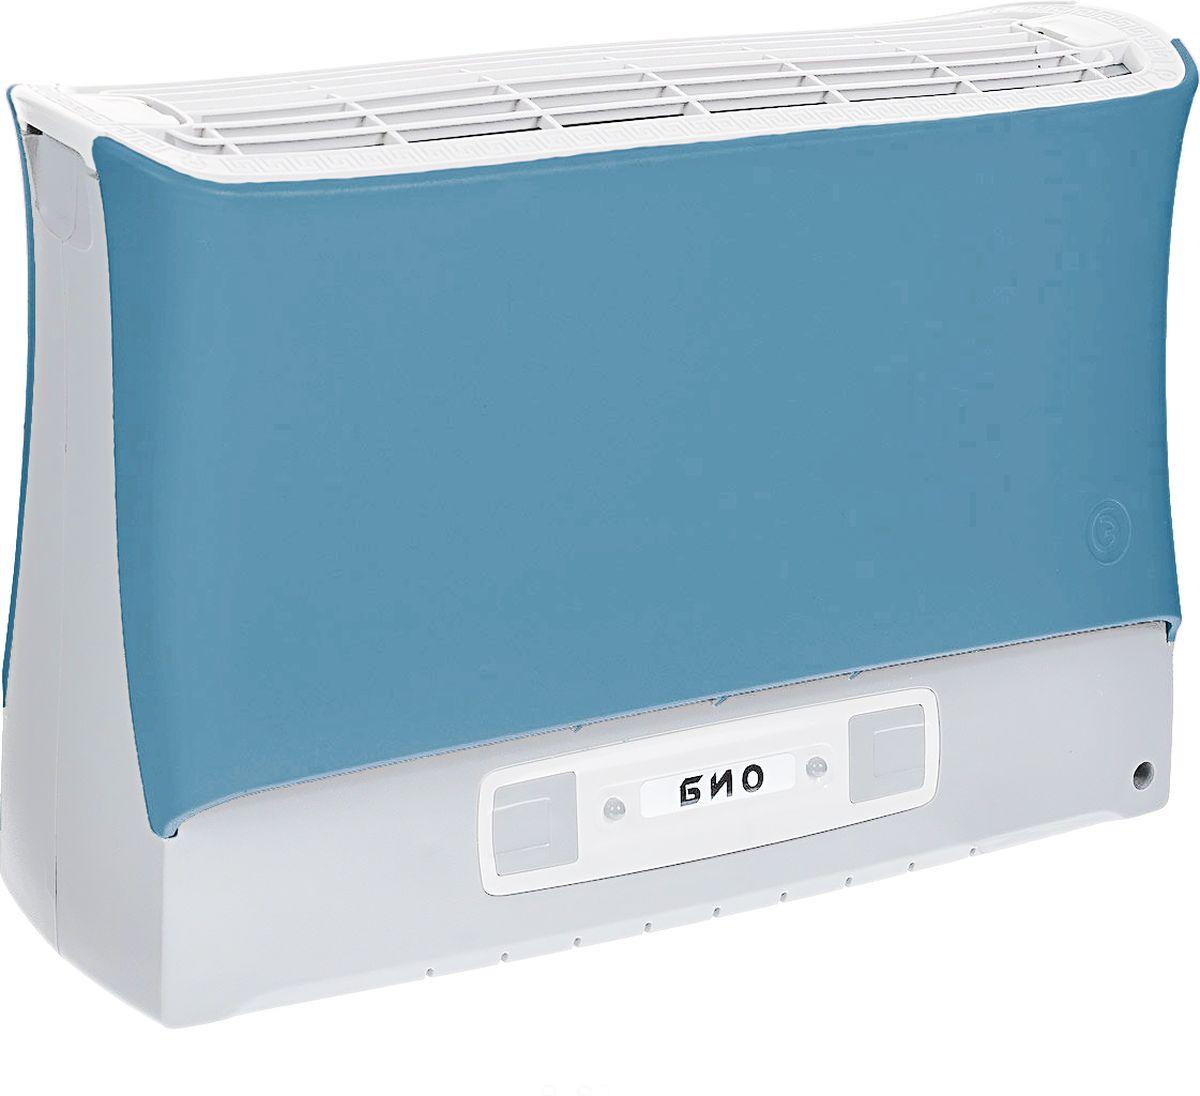 Очиститель-ионизатор воздуха Супер-плюс-Био синий очиститель воздуха venta отзывы